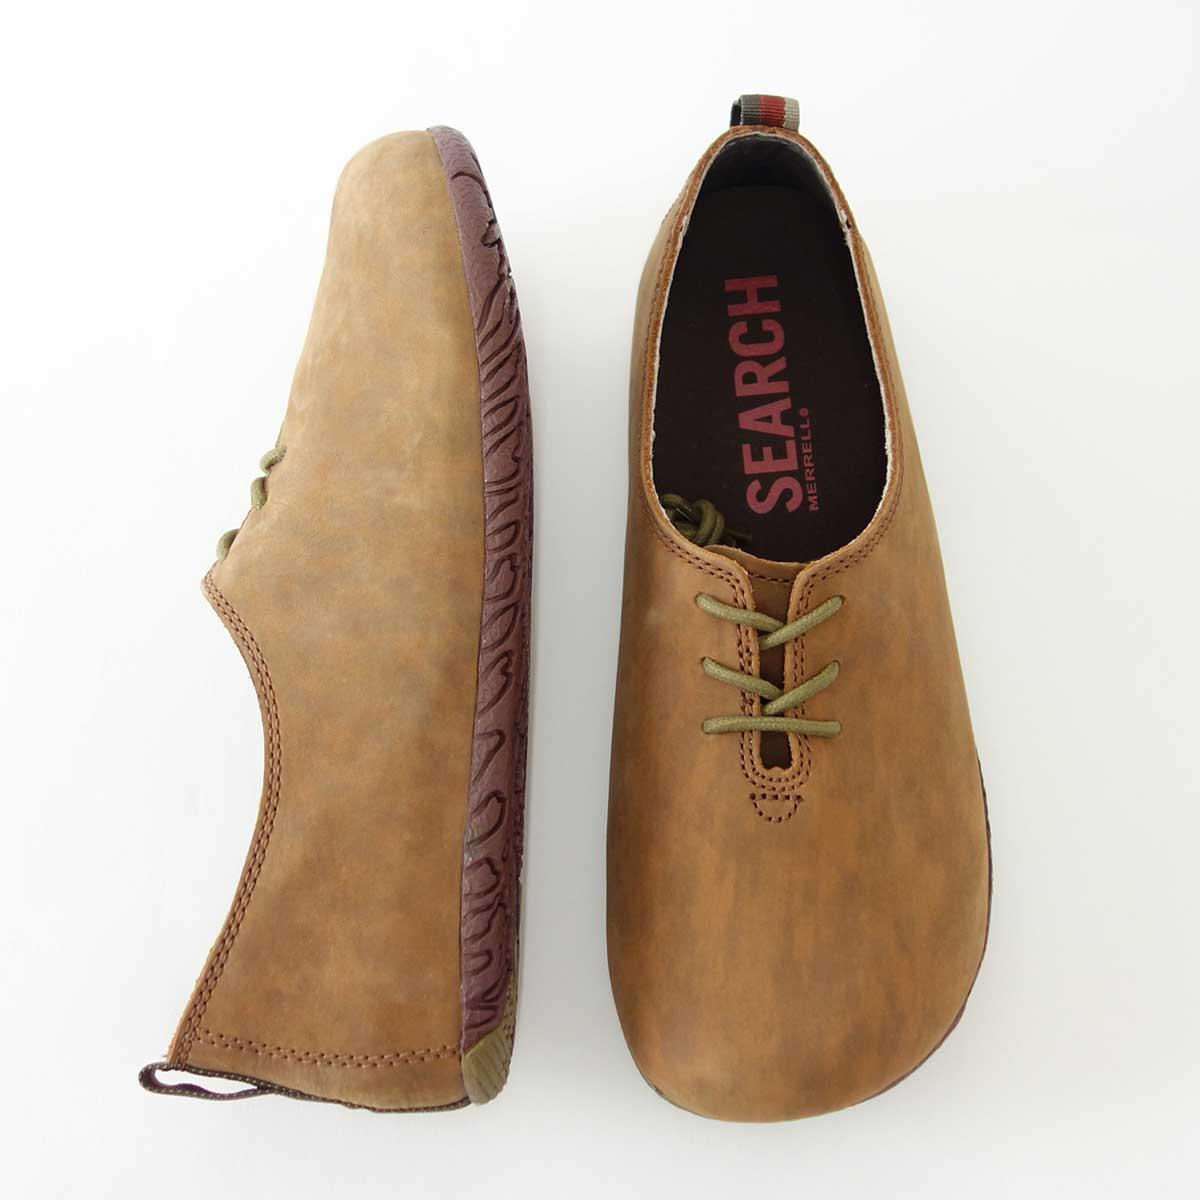 メレル MERRELL ムートピアレース 20555 Light Brownメンズ靴CsrxthQd